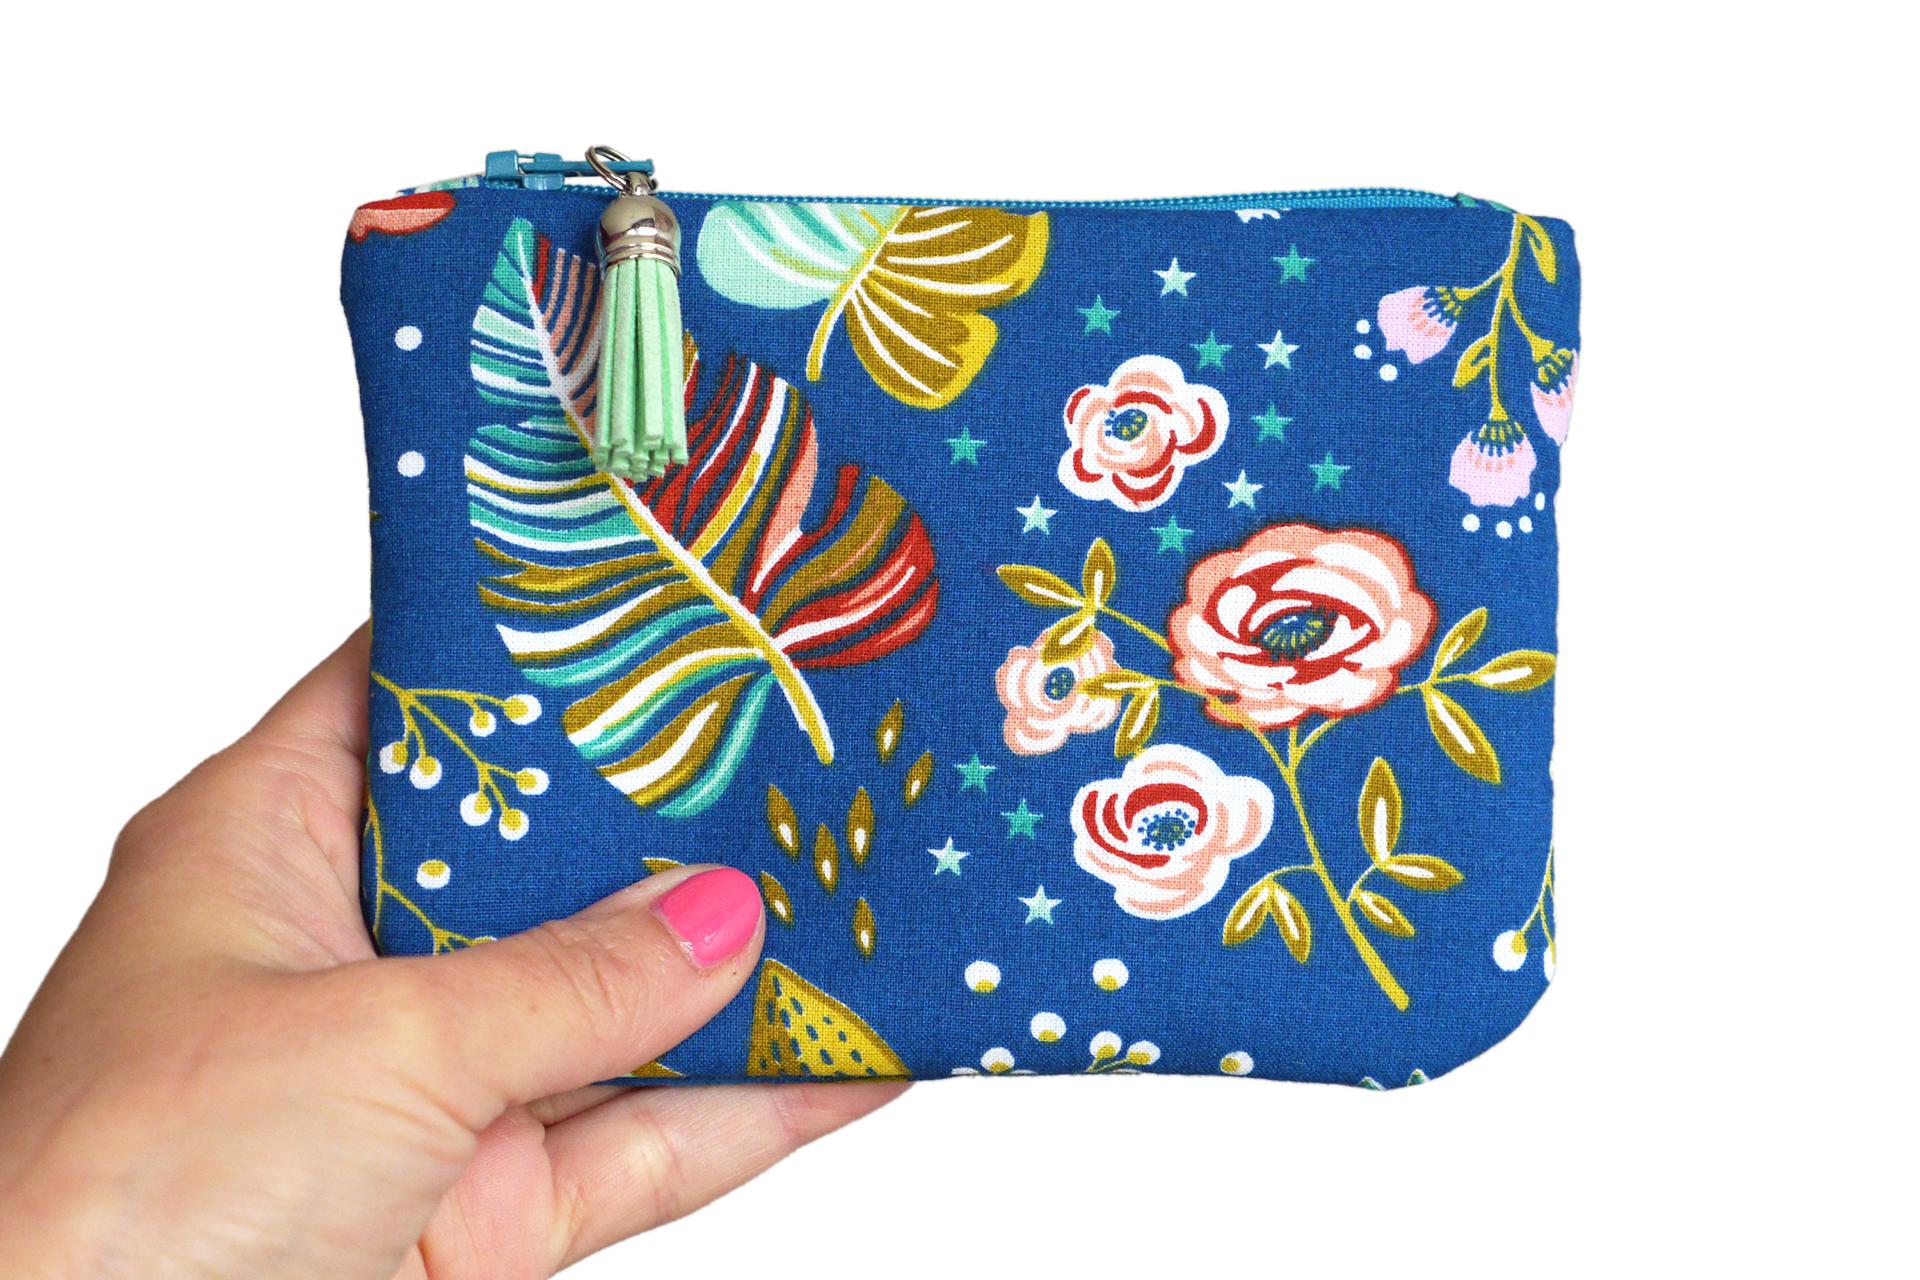 Carte Bleue Zip.Grand Porte Monnaie Femme Ancolie Format Carte Identie Tissu Fleurs Multicolores Fond Bleu Zip Turquoise